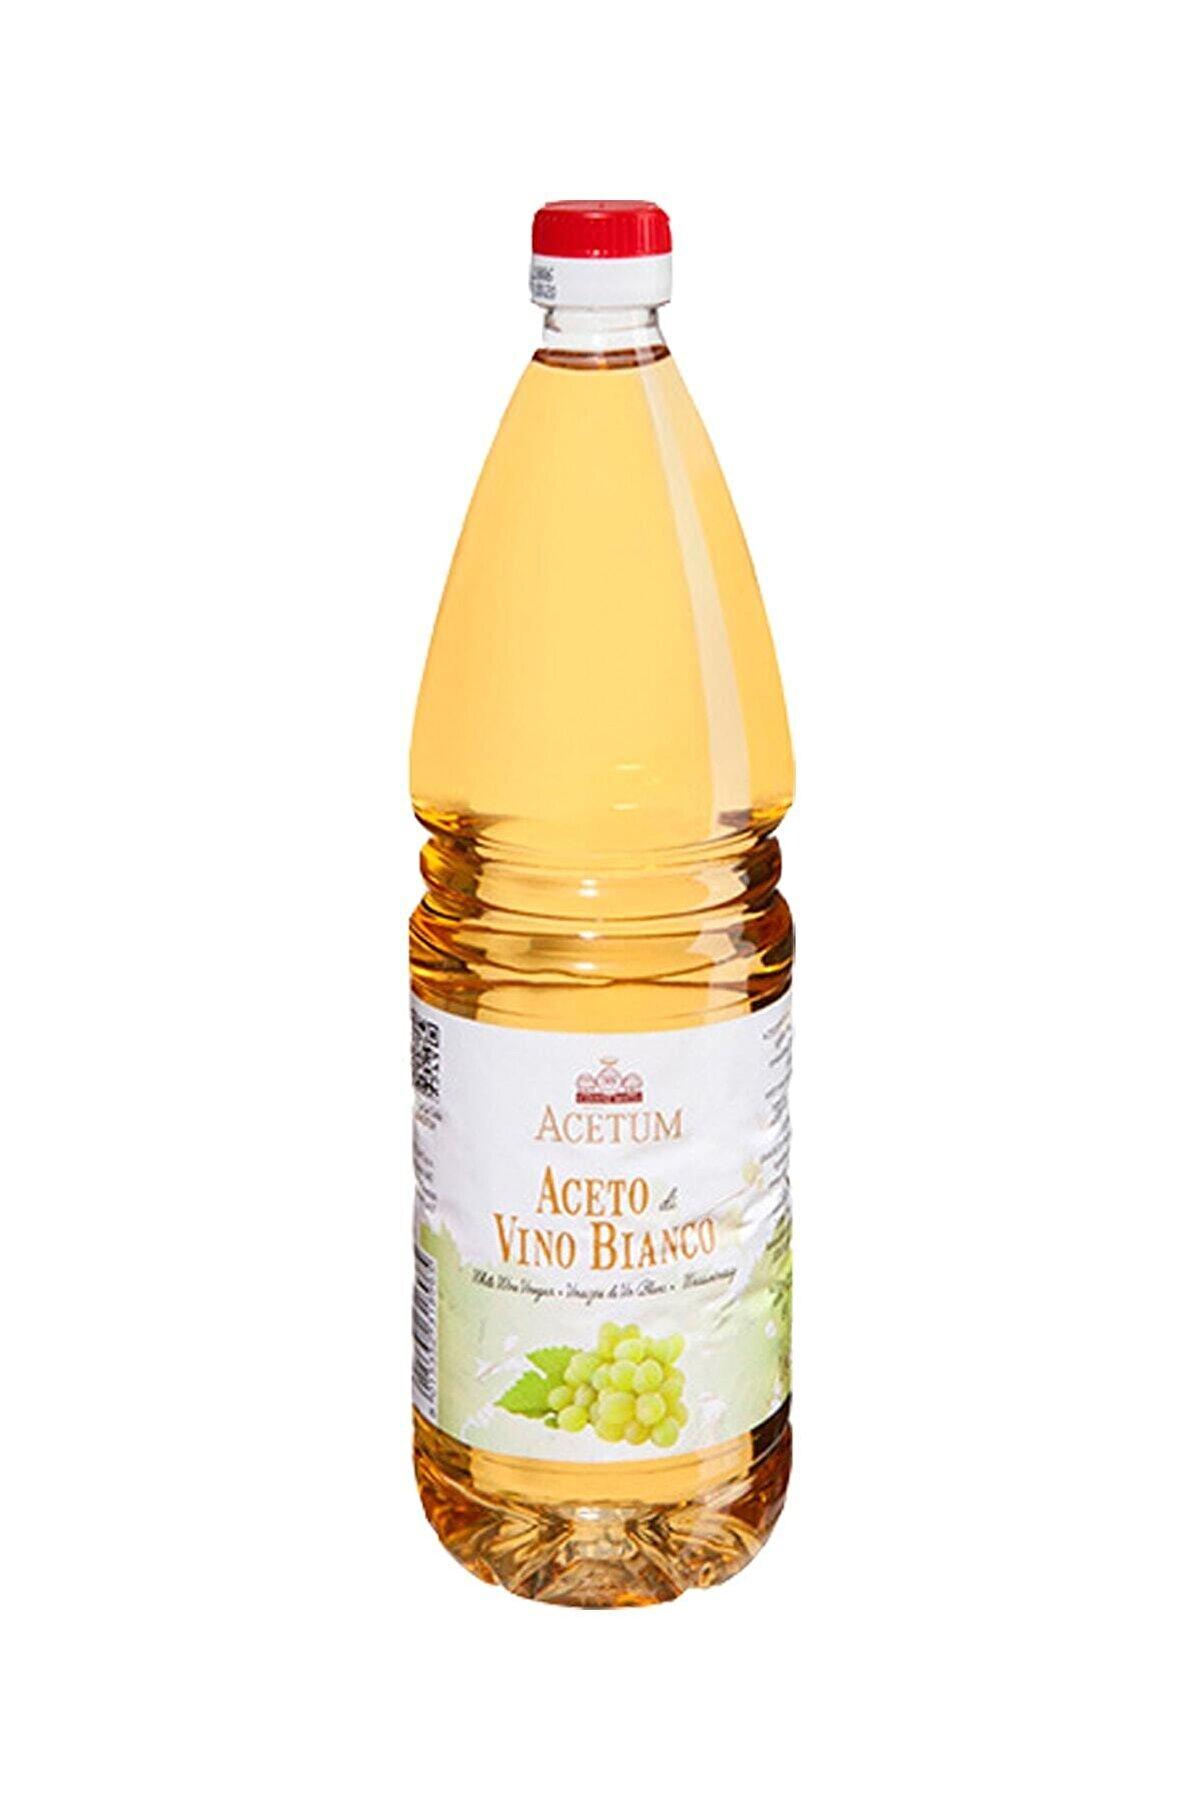 Acetum Beyaz Şarap Sirkesi 1 lt